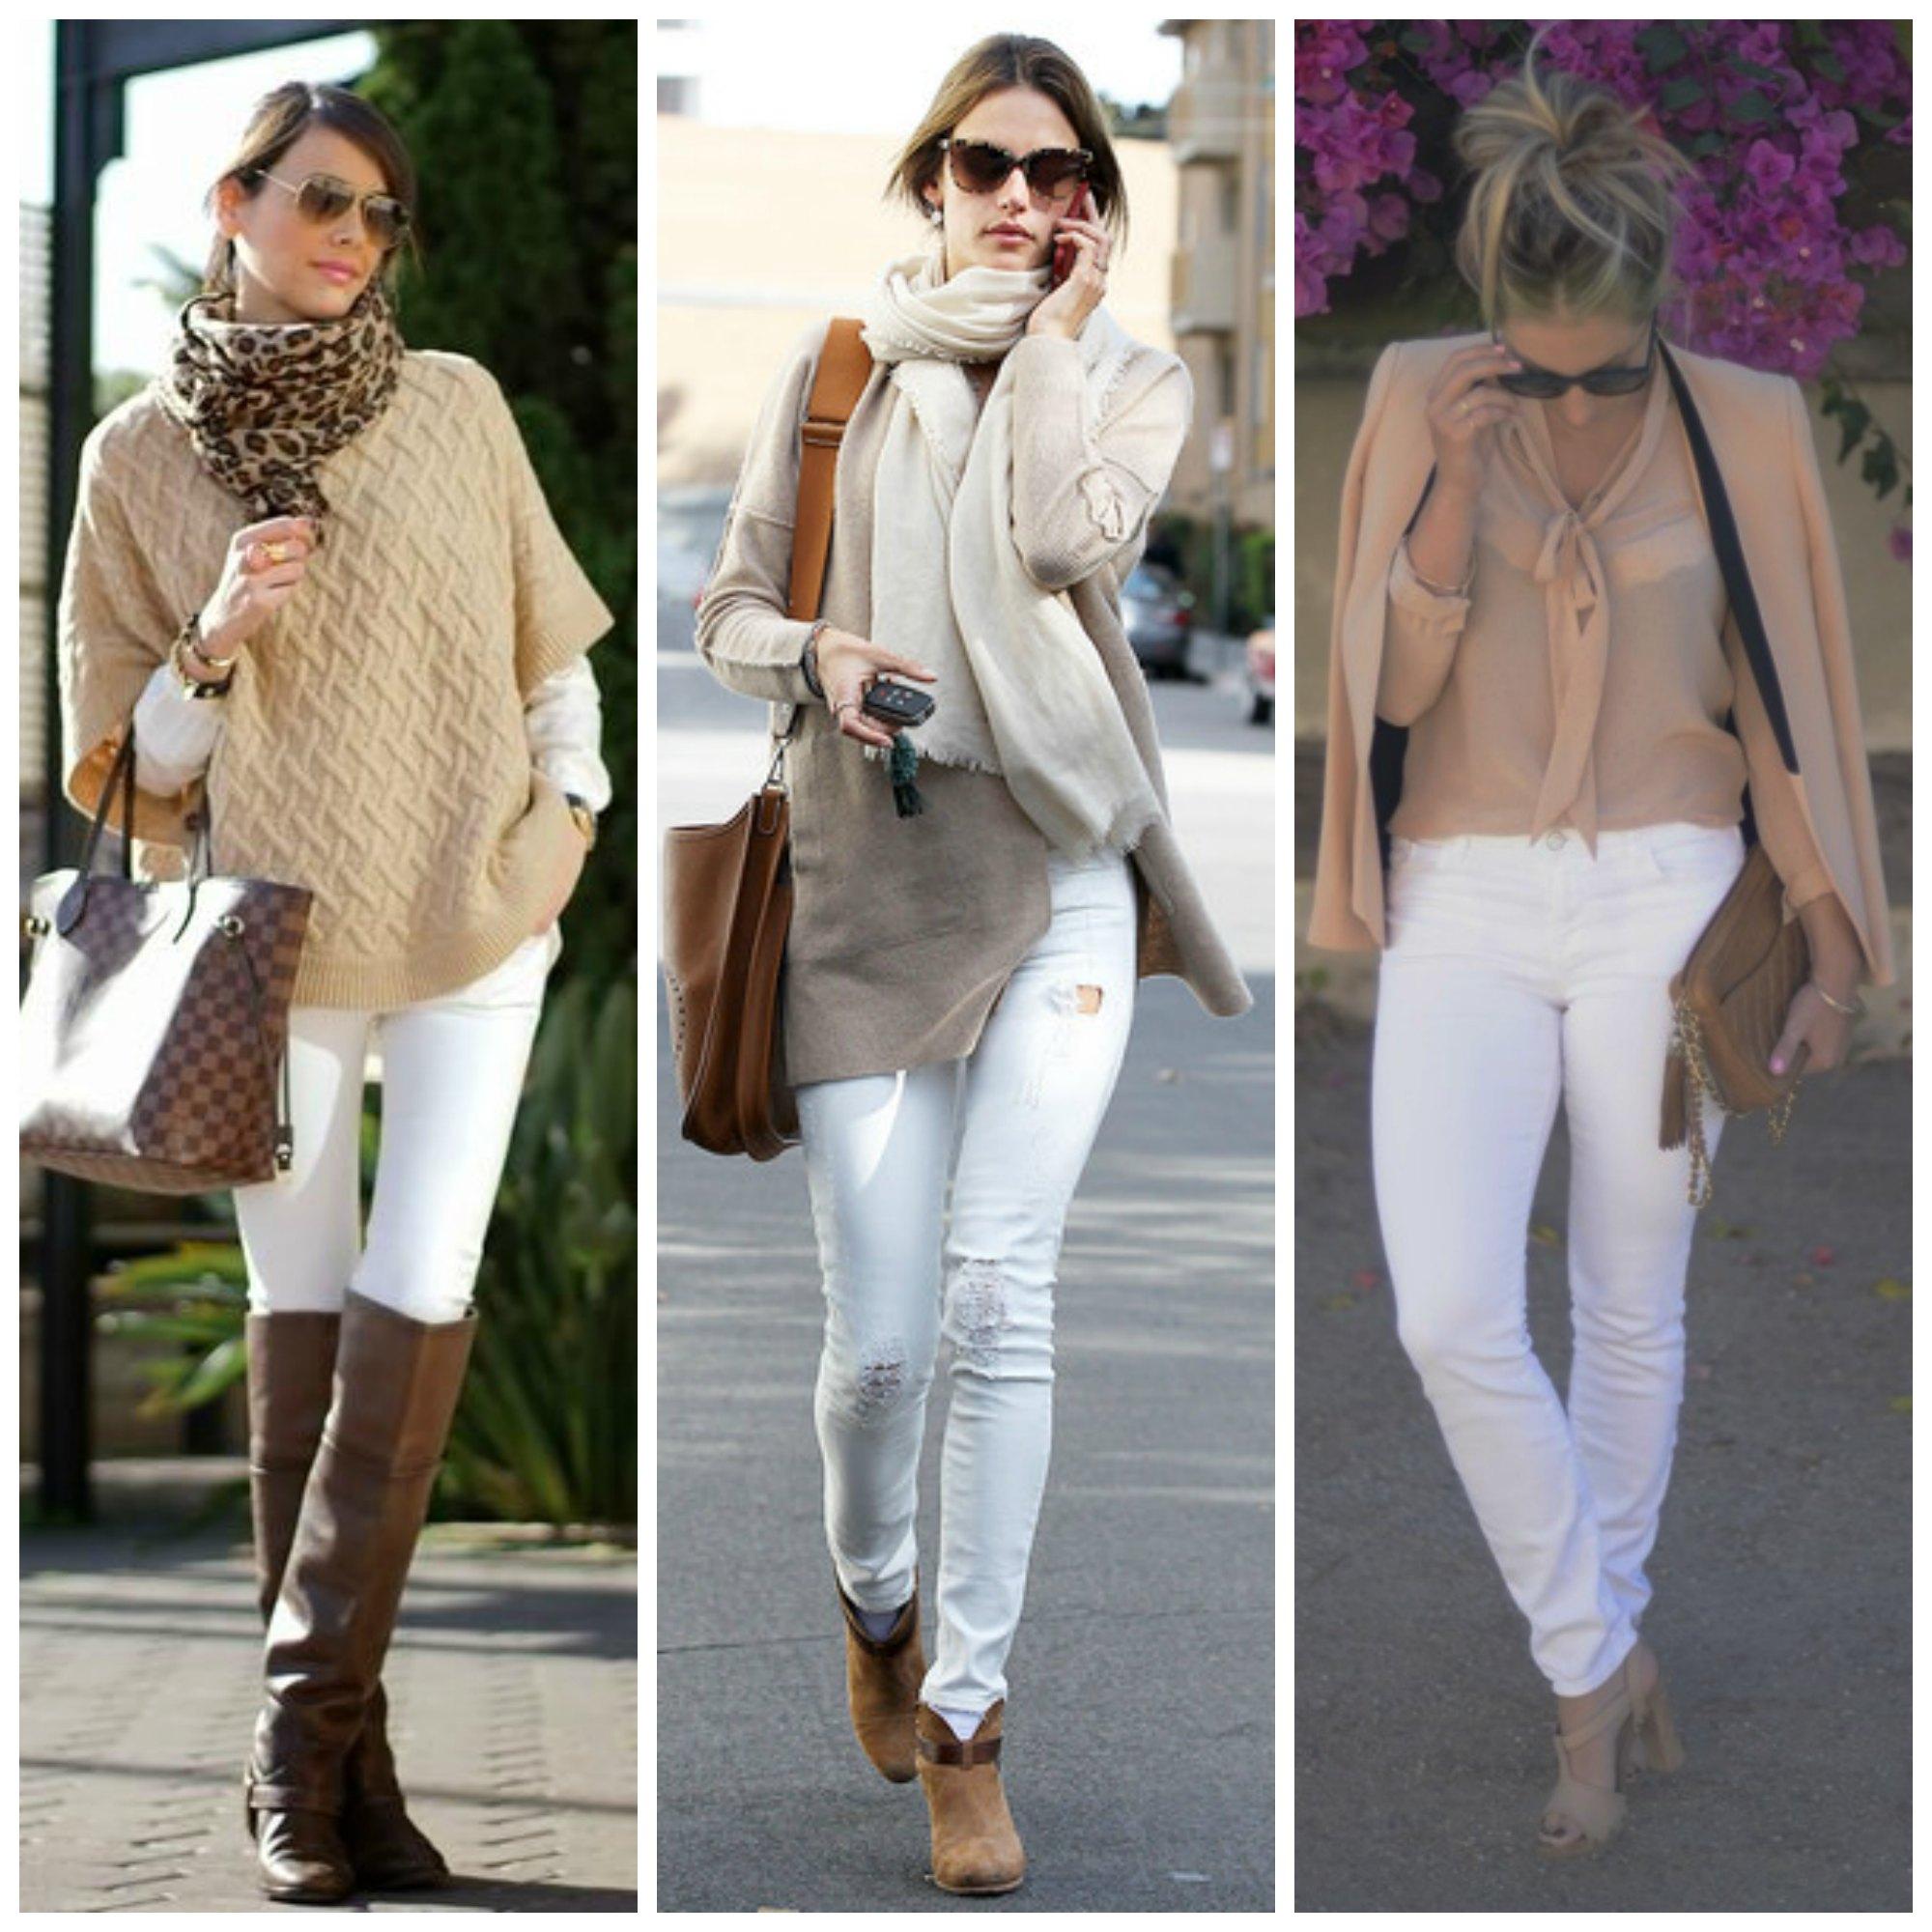 calça branca combinando com cores pasteis